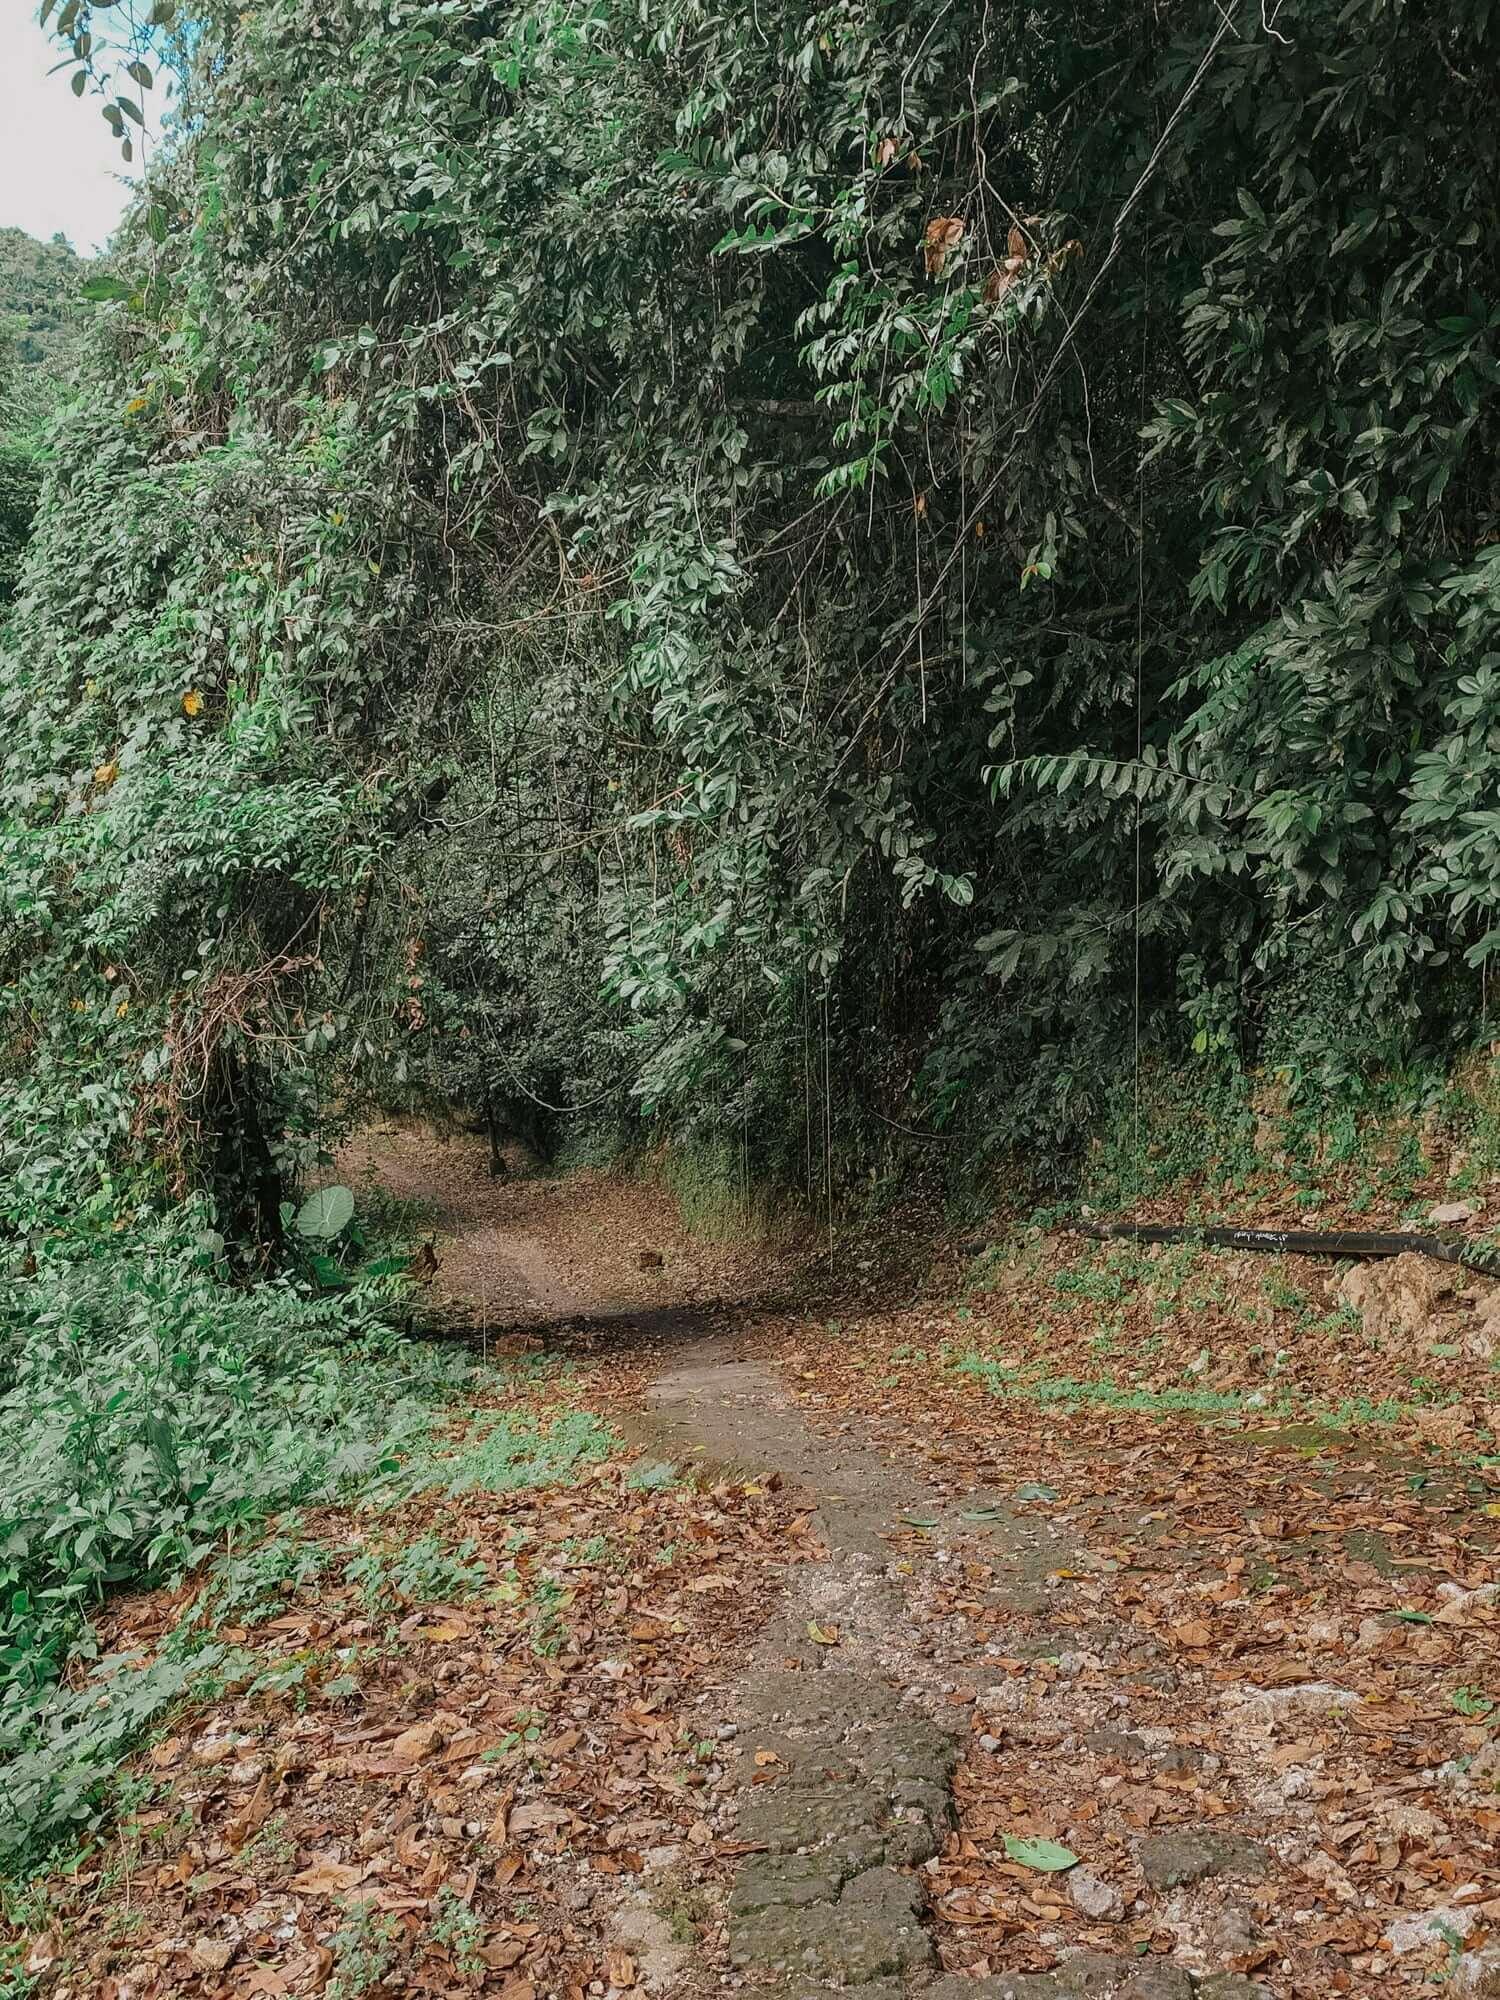 Road to Tembeling Nusa Penida